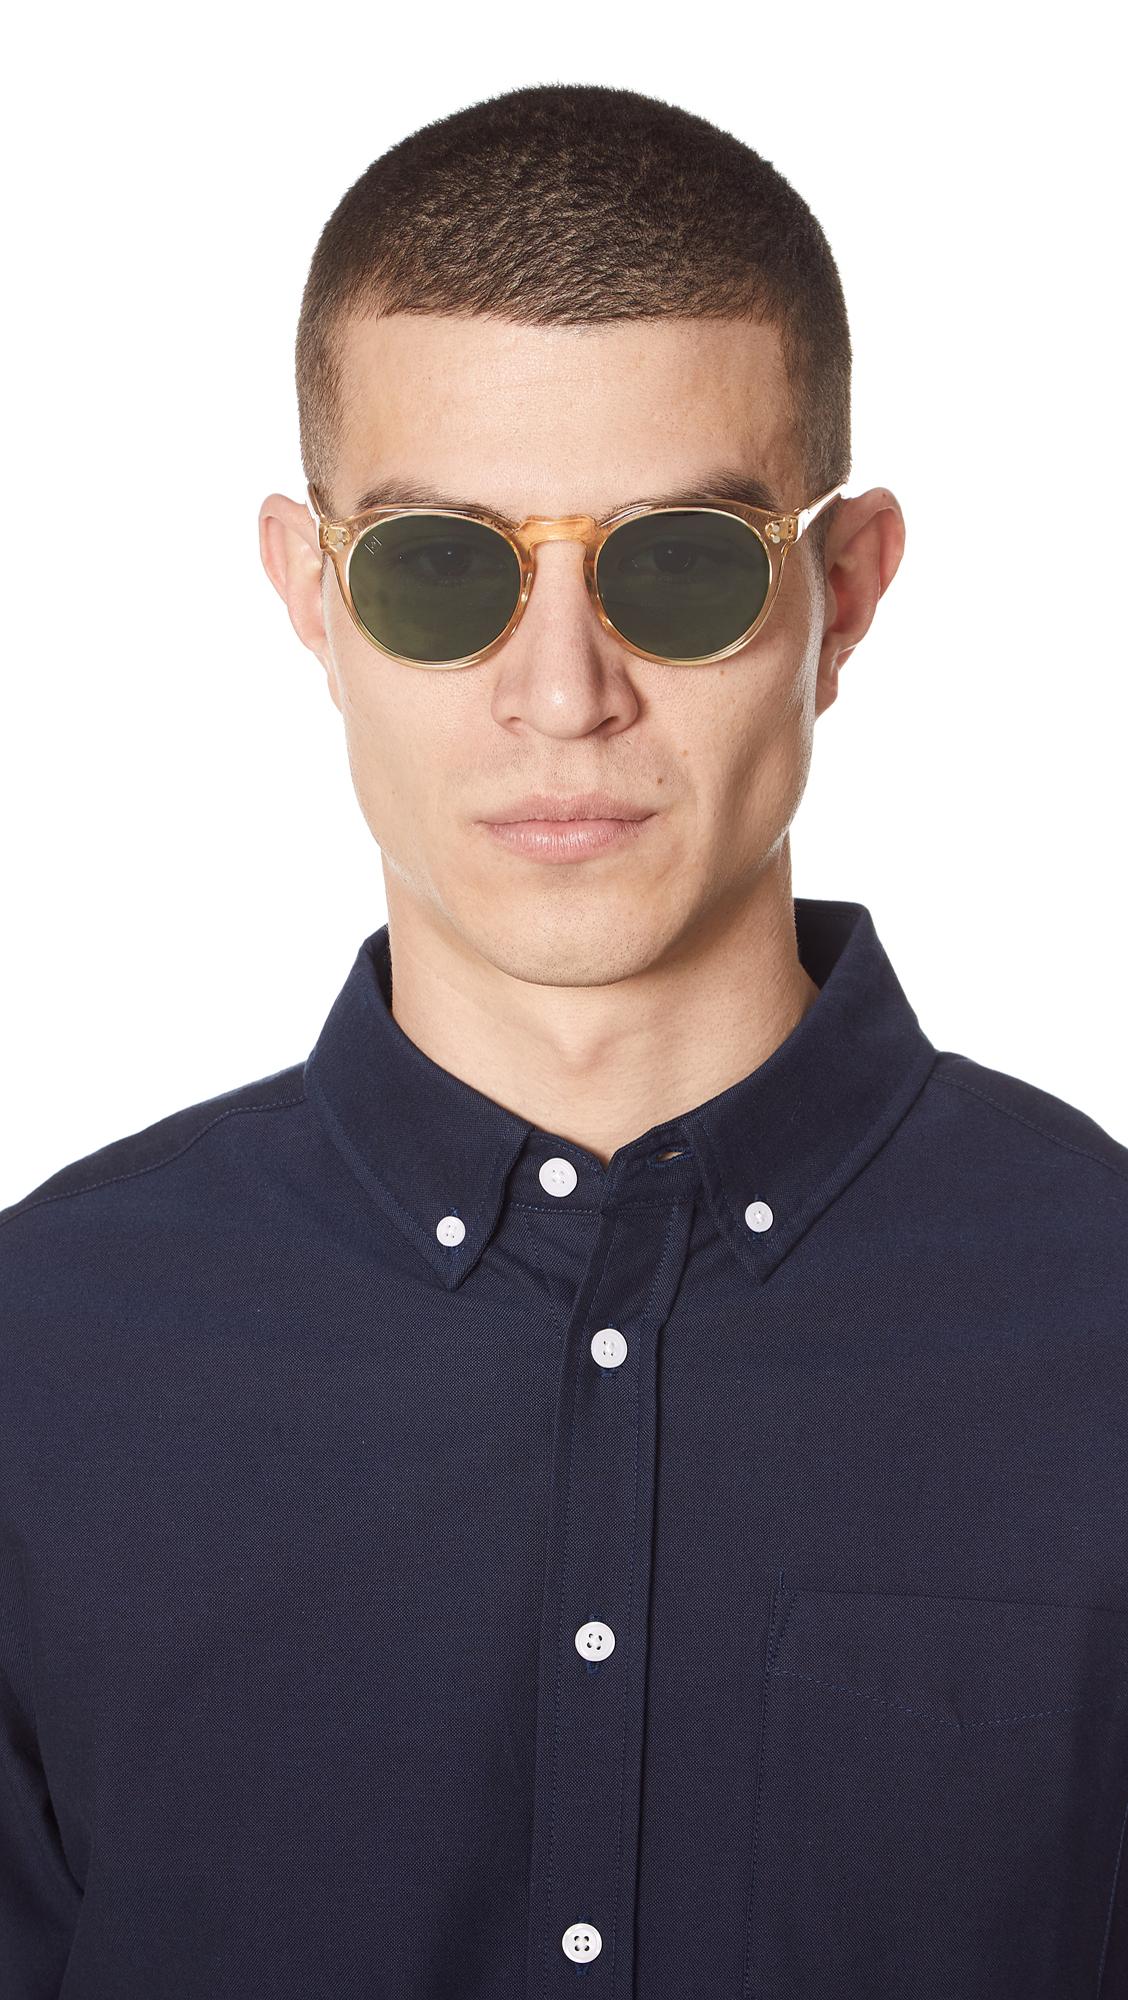 92626e6afca Raen Remmy 49 Sunglasses